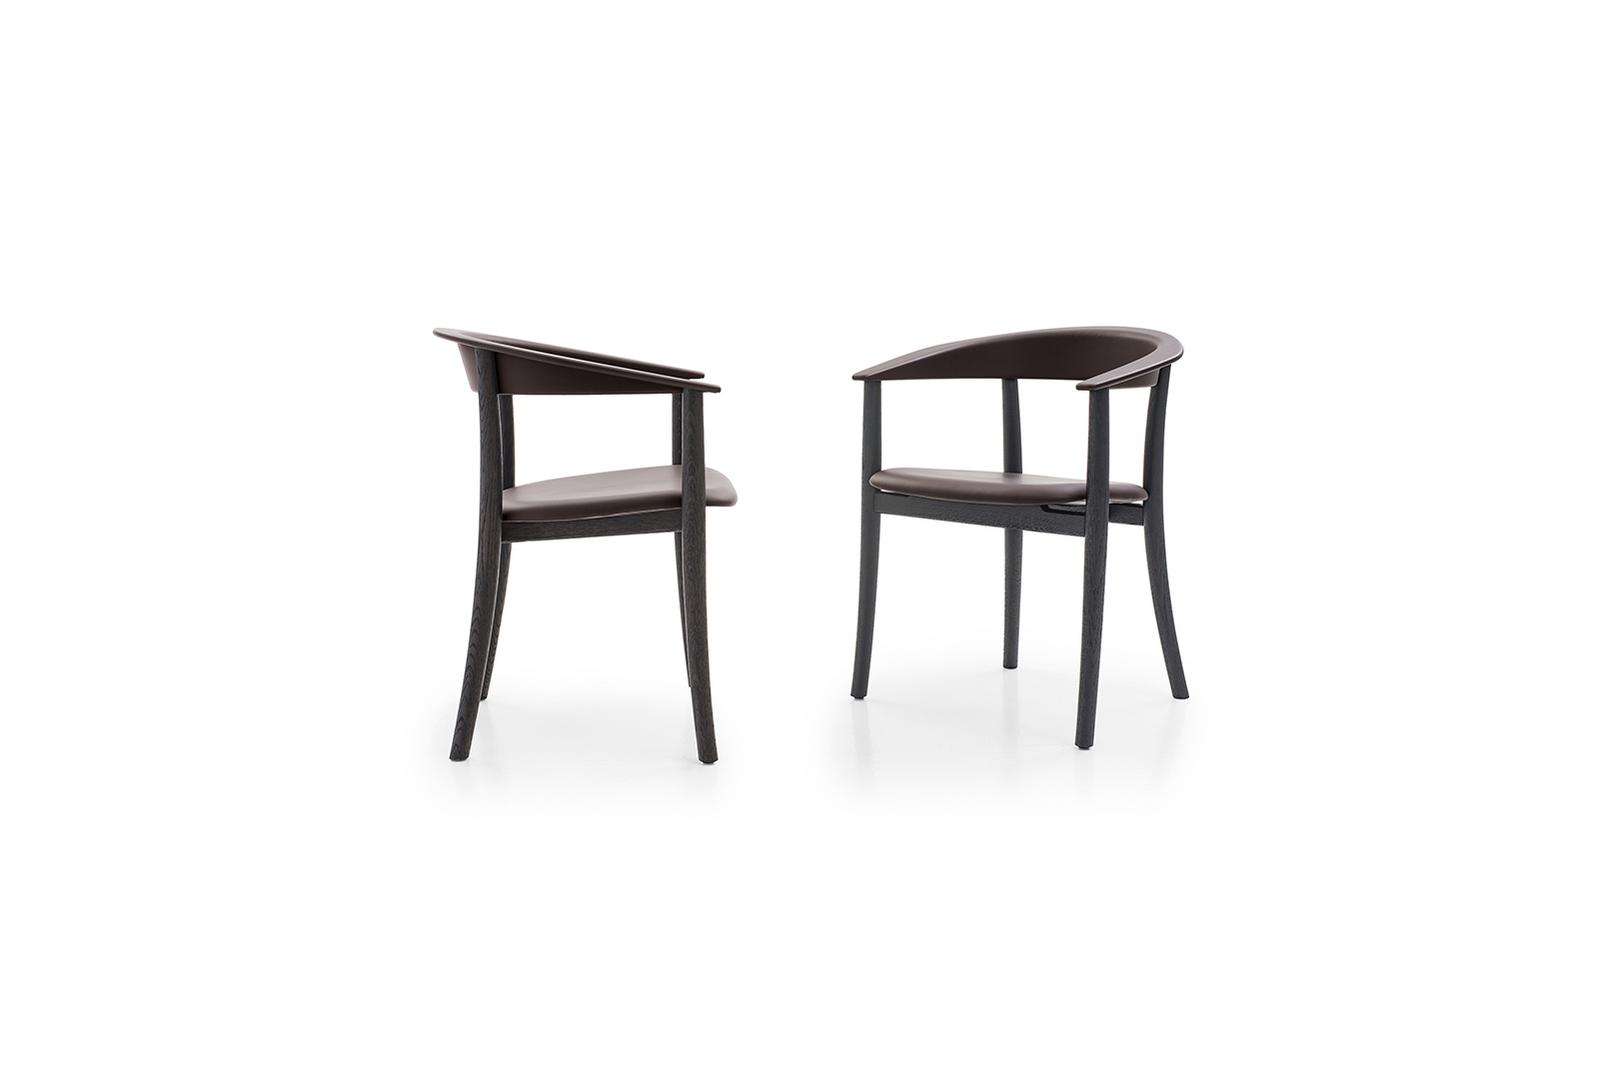 Belle chair sfeerfoto1.png